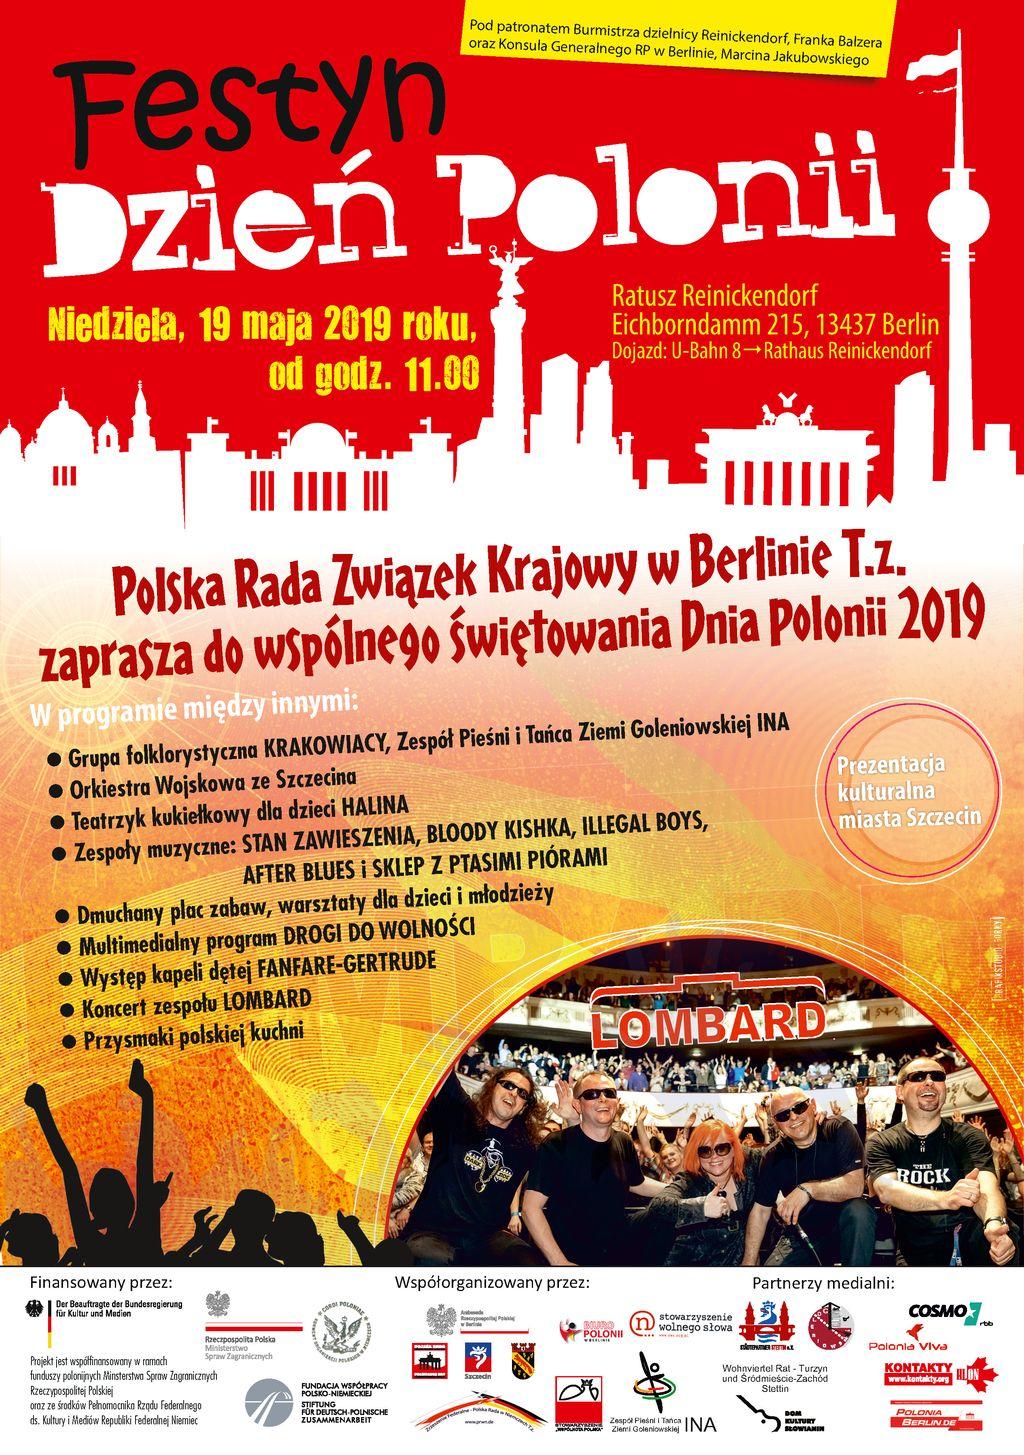 2019 Dzien Polonii w Berlinie